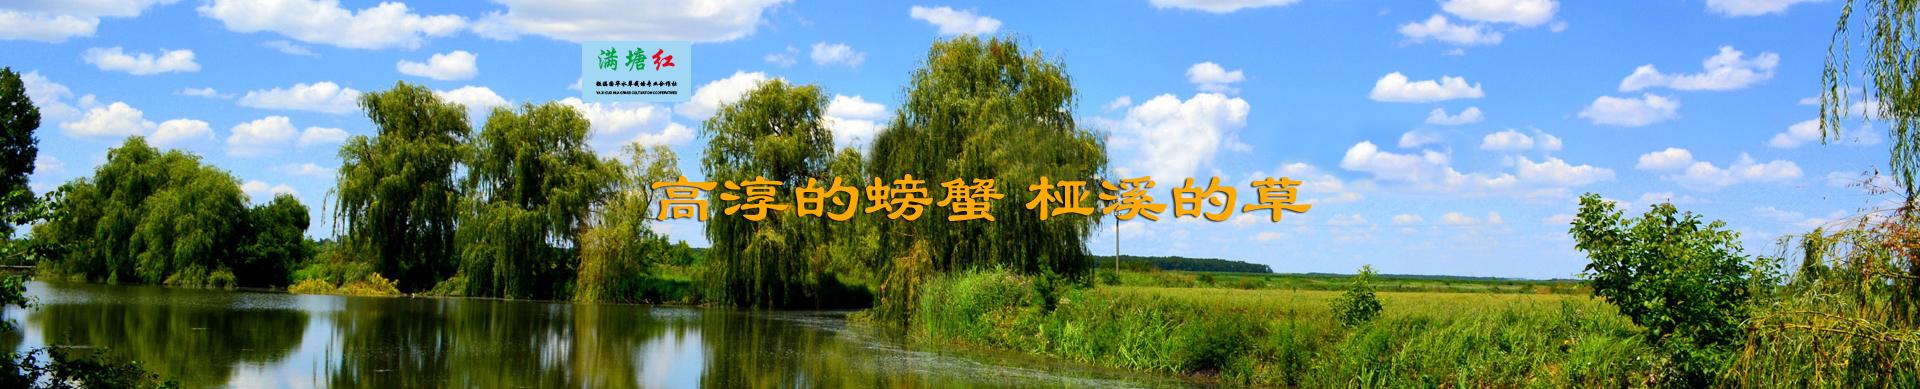 高淳县桠溪国华水草栽培专业合作社